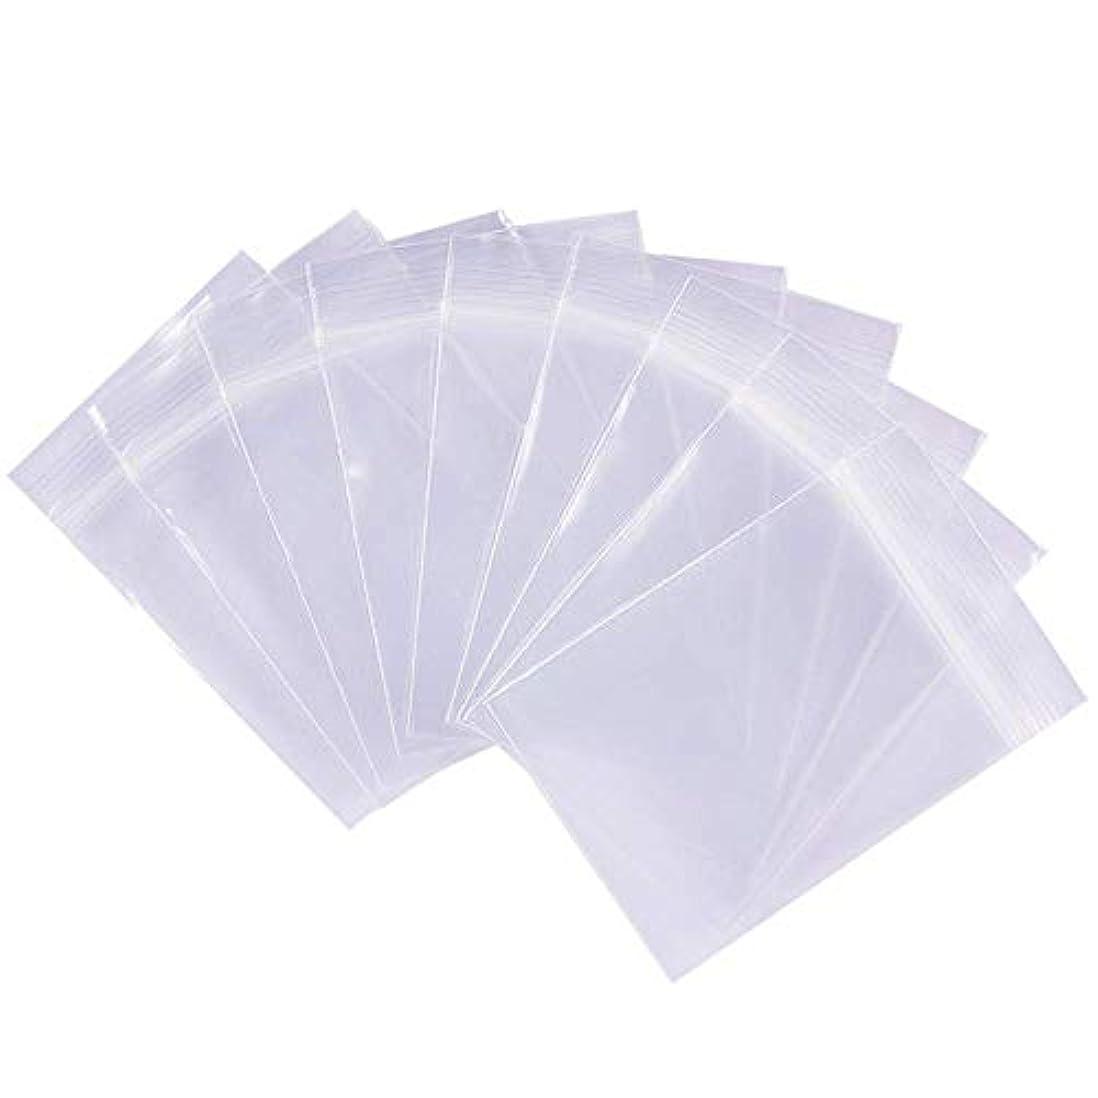 半ばバッチドーム200枚チャック袋 透明チャック付ポリ袋 リサイクル可能プラスチック袋密封保存袋